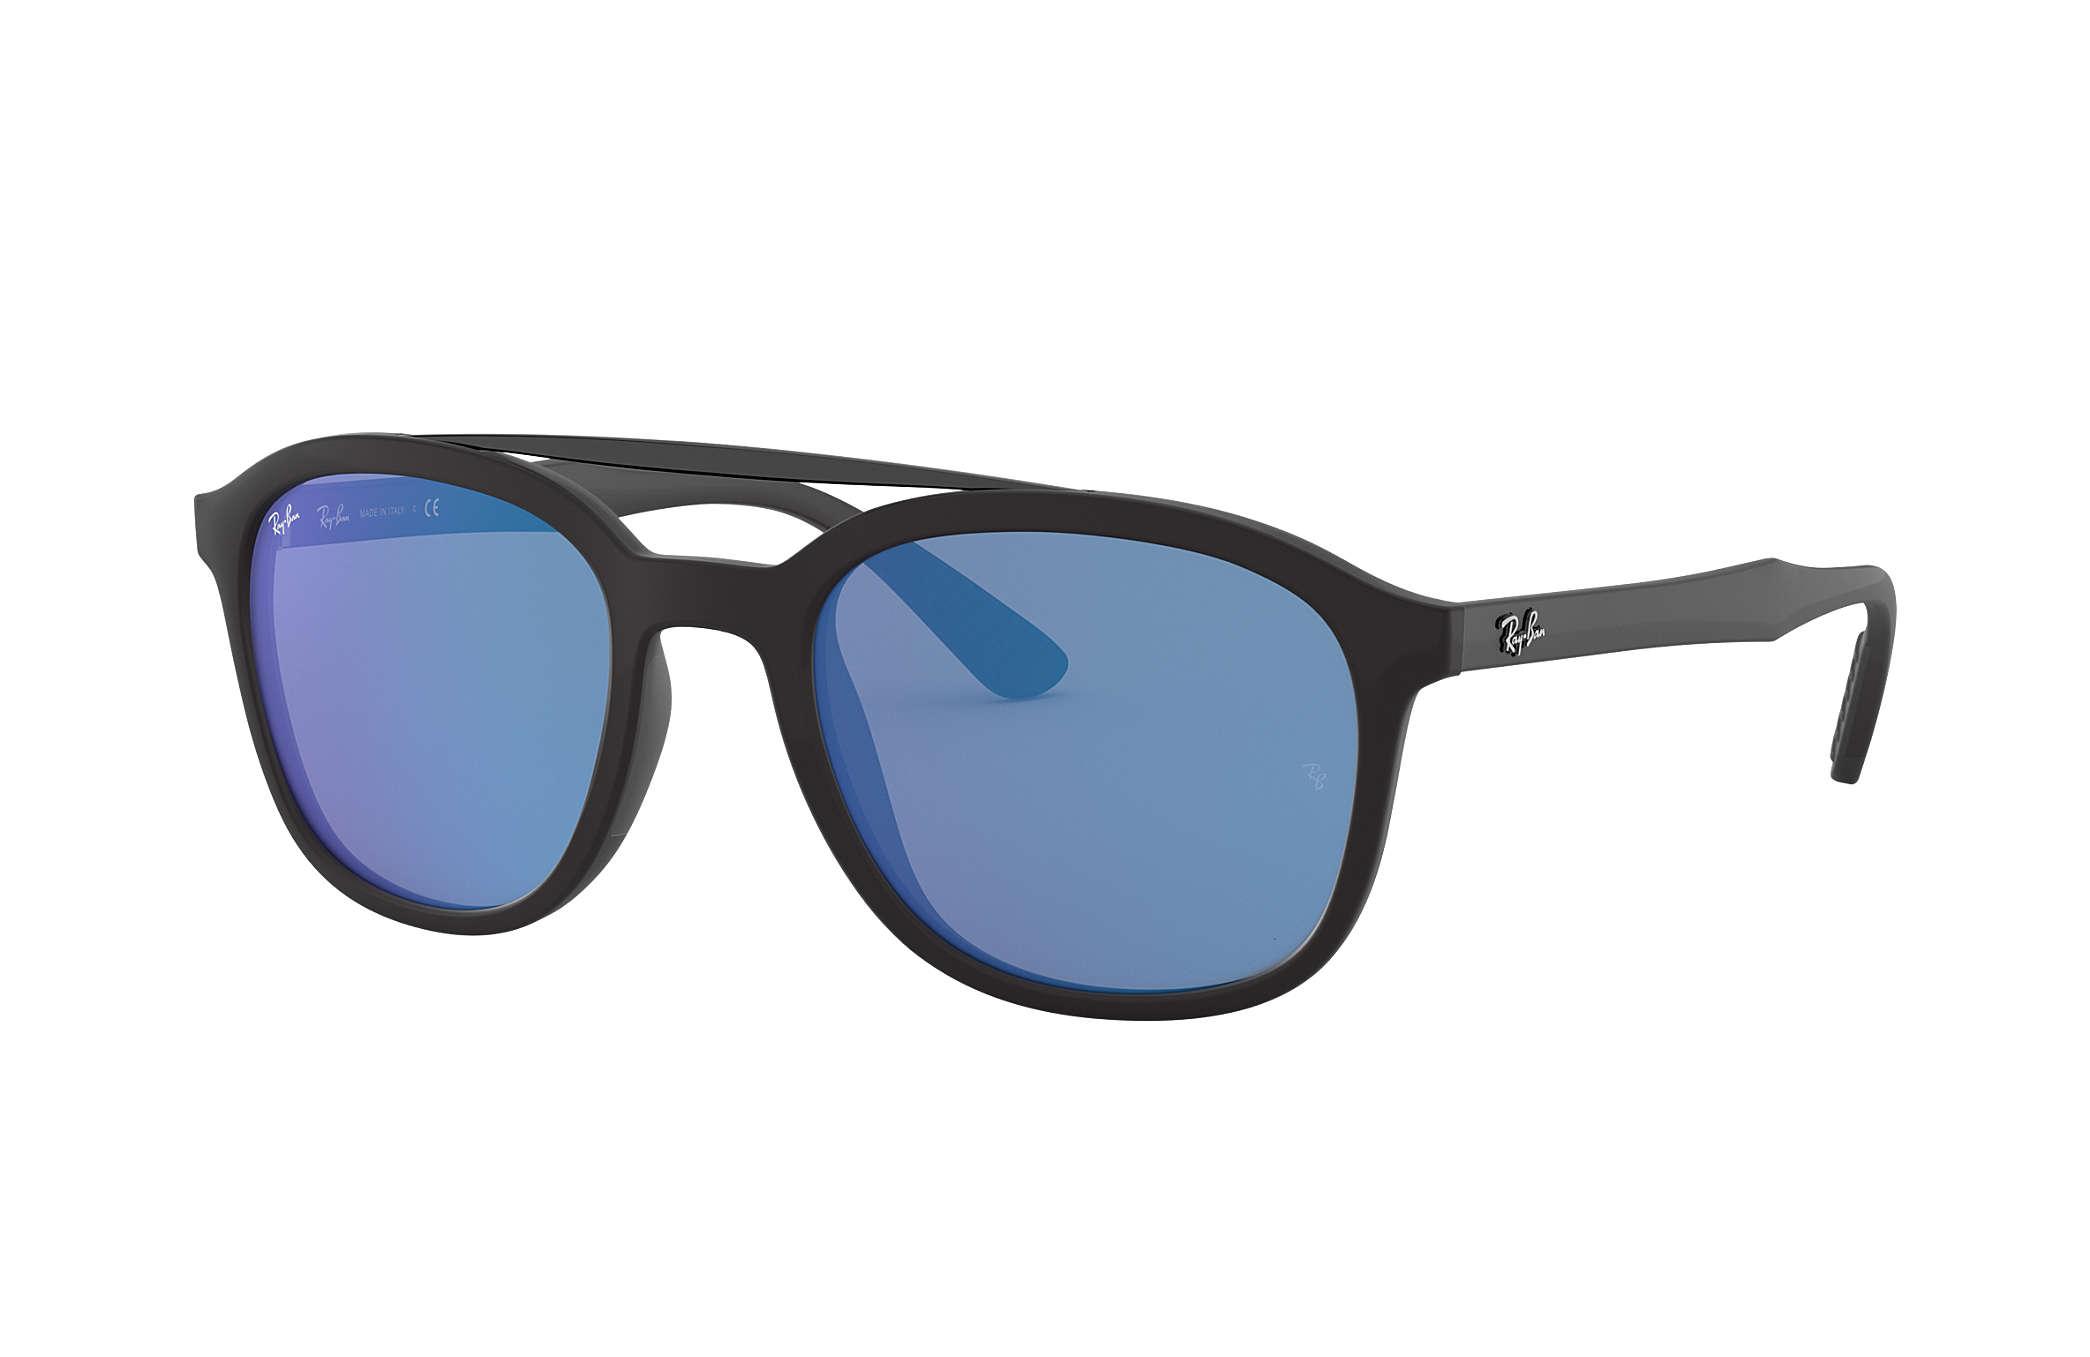 ea9e015d3d0 Ray-Ban RB4290 Black - Nylon - Blue Lenses - 0RB4290601S5553